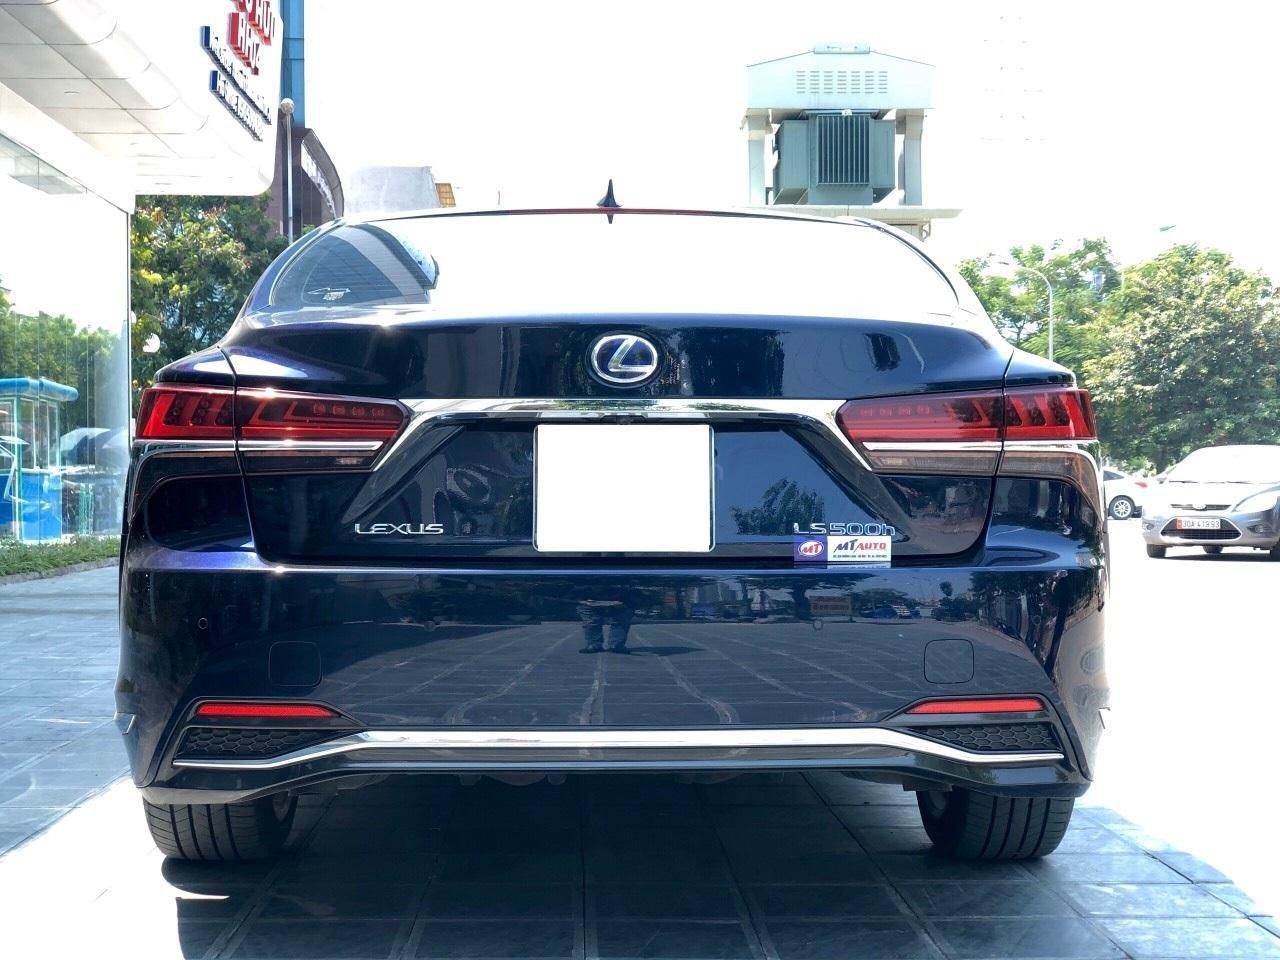 Bán xe Lexus LS 500H 2017, màu xanh lam, giá tốt giao ngay toàn quốc, LH Ngọc Vy 093.996.2368 (8)